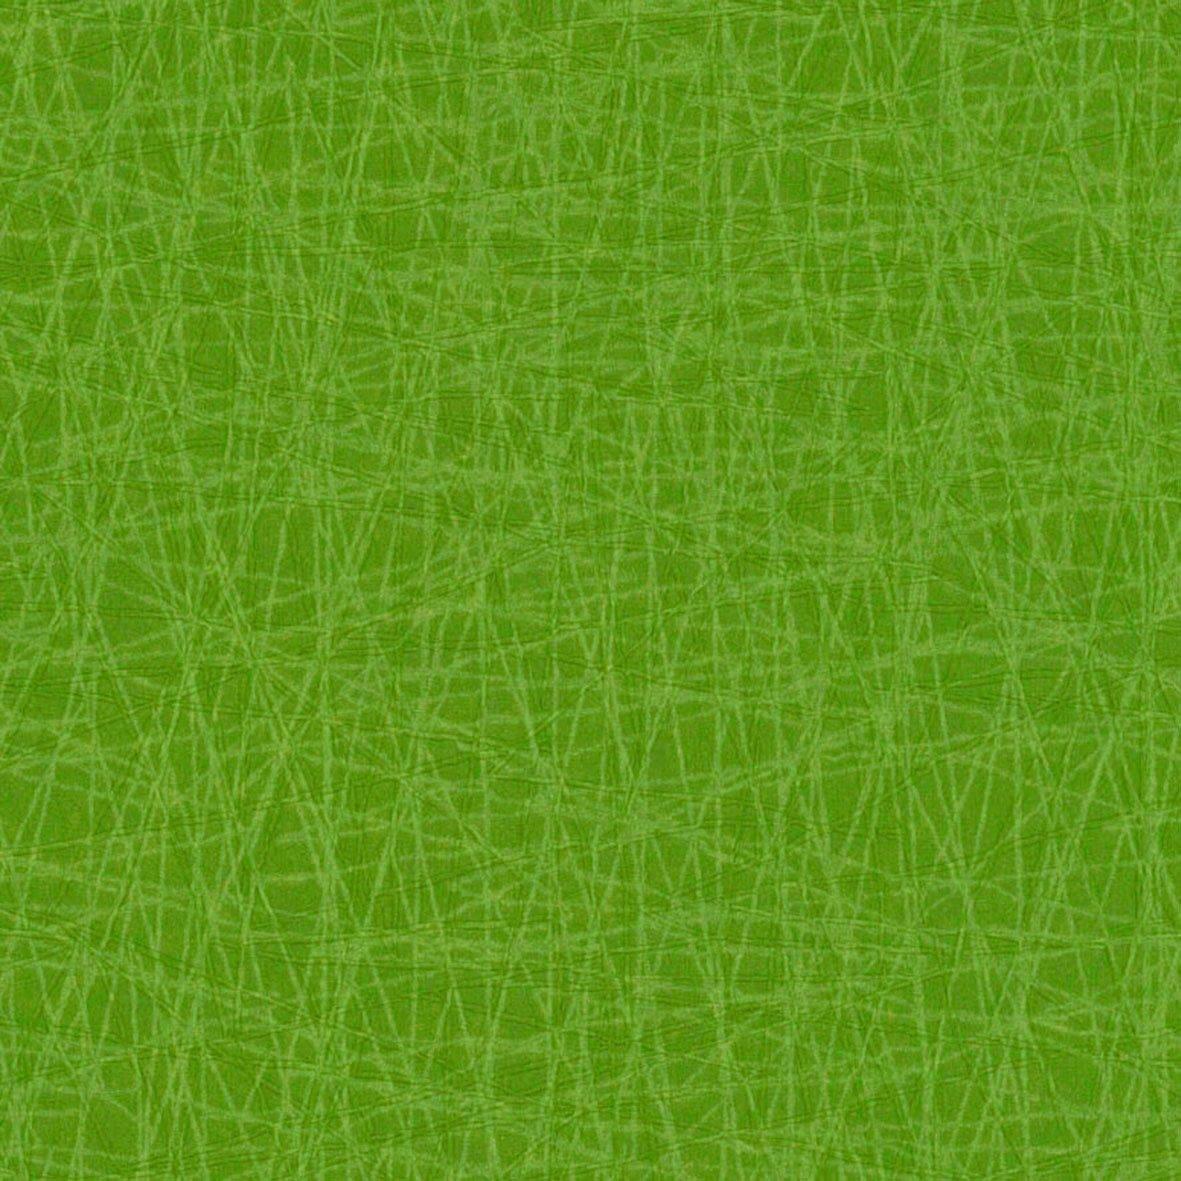 リリカラ 壁紙39m 和 無地 グリーン LL-8585 B01N3WKBXK 39m|グリーン